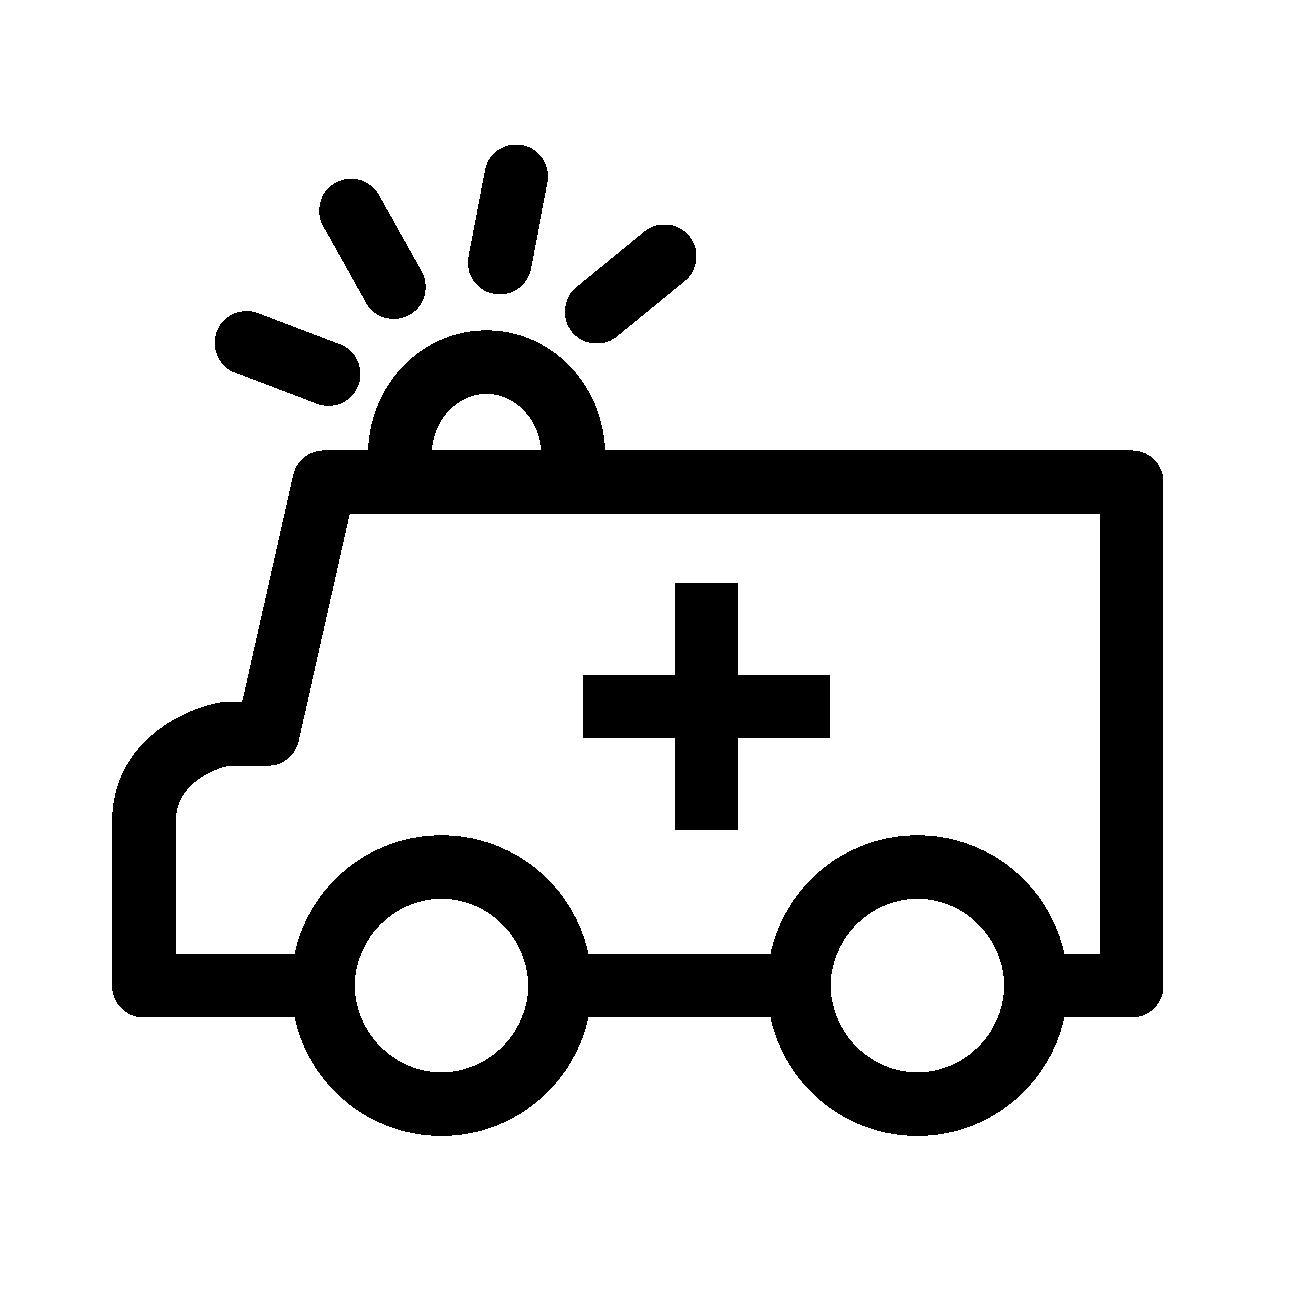 救急車イメージ